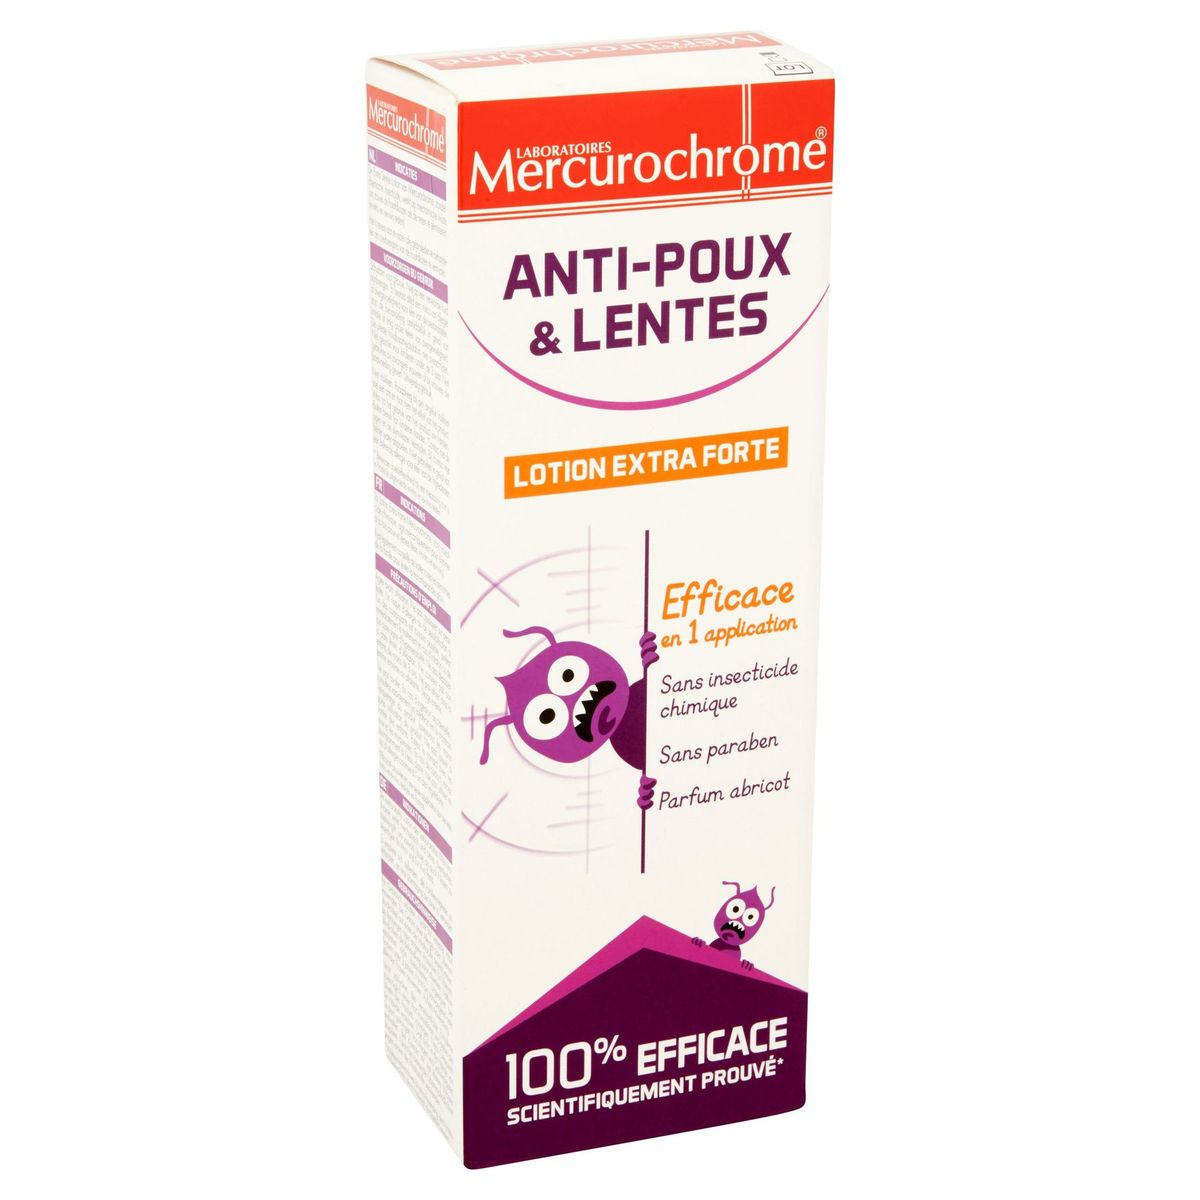 Laboratoires Mercurochrome Anti-Poux & Lentes Lotion Extra Forte 100ml